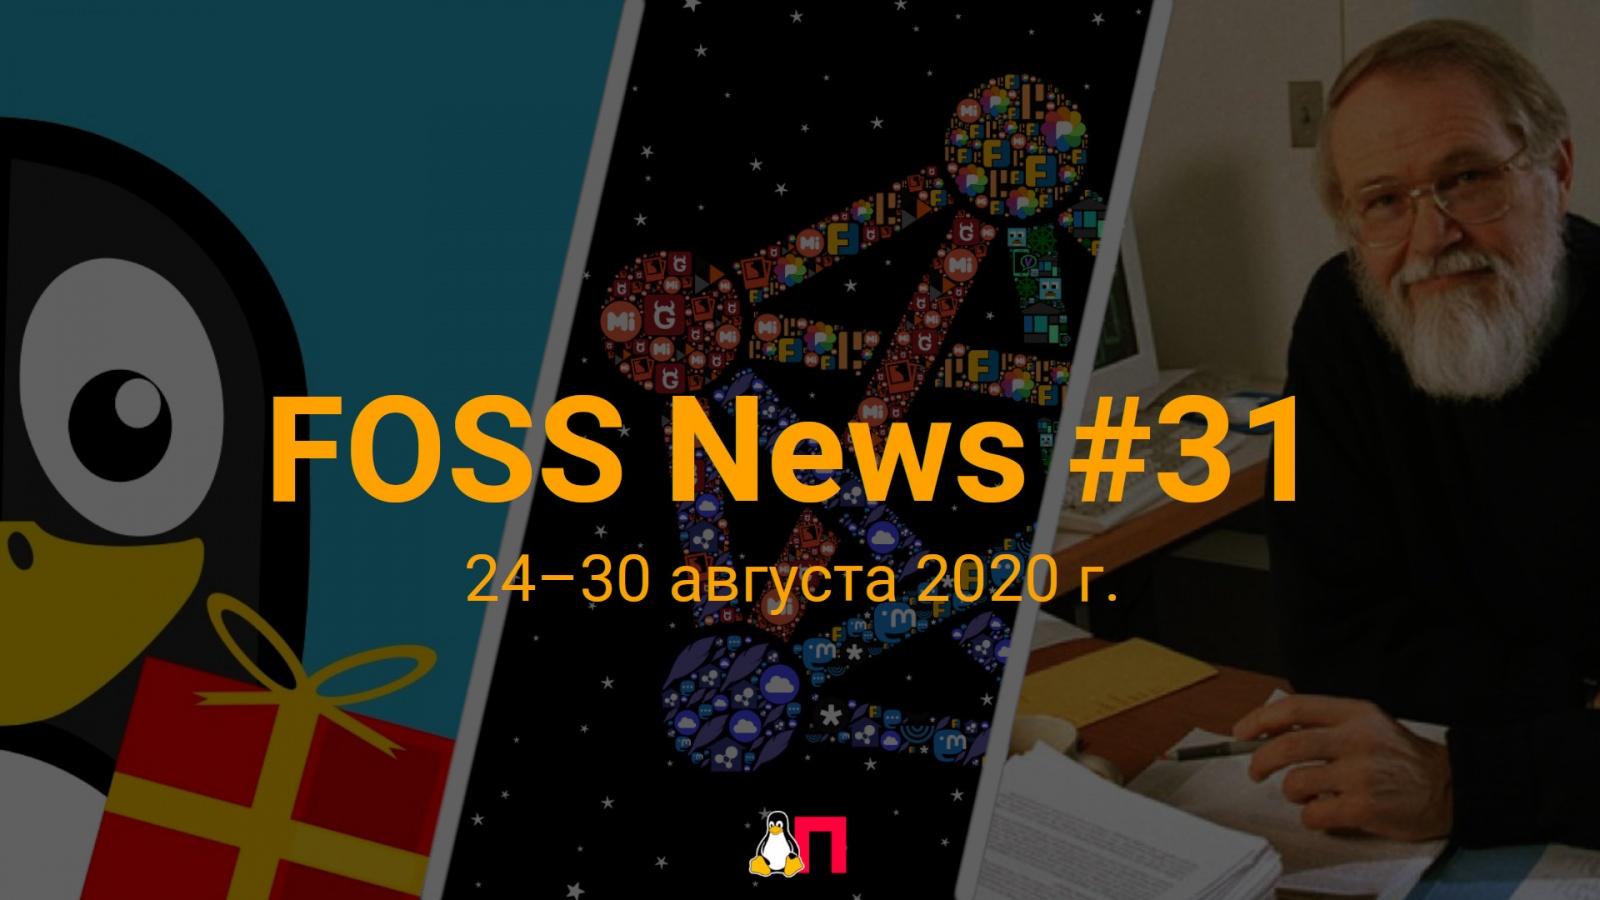 FOSS News №31 – дайджест новостей свободного и открытого ПО за 24-30 августа 2020 года - 1